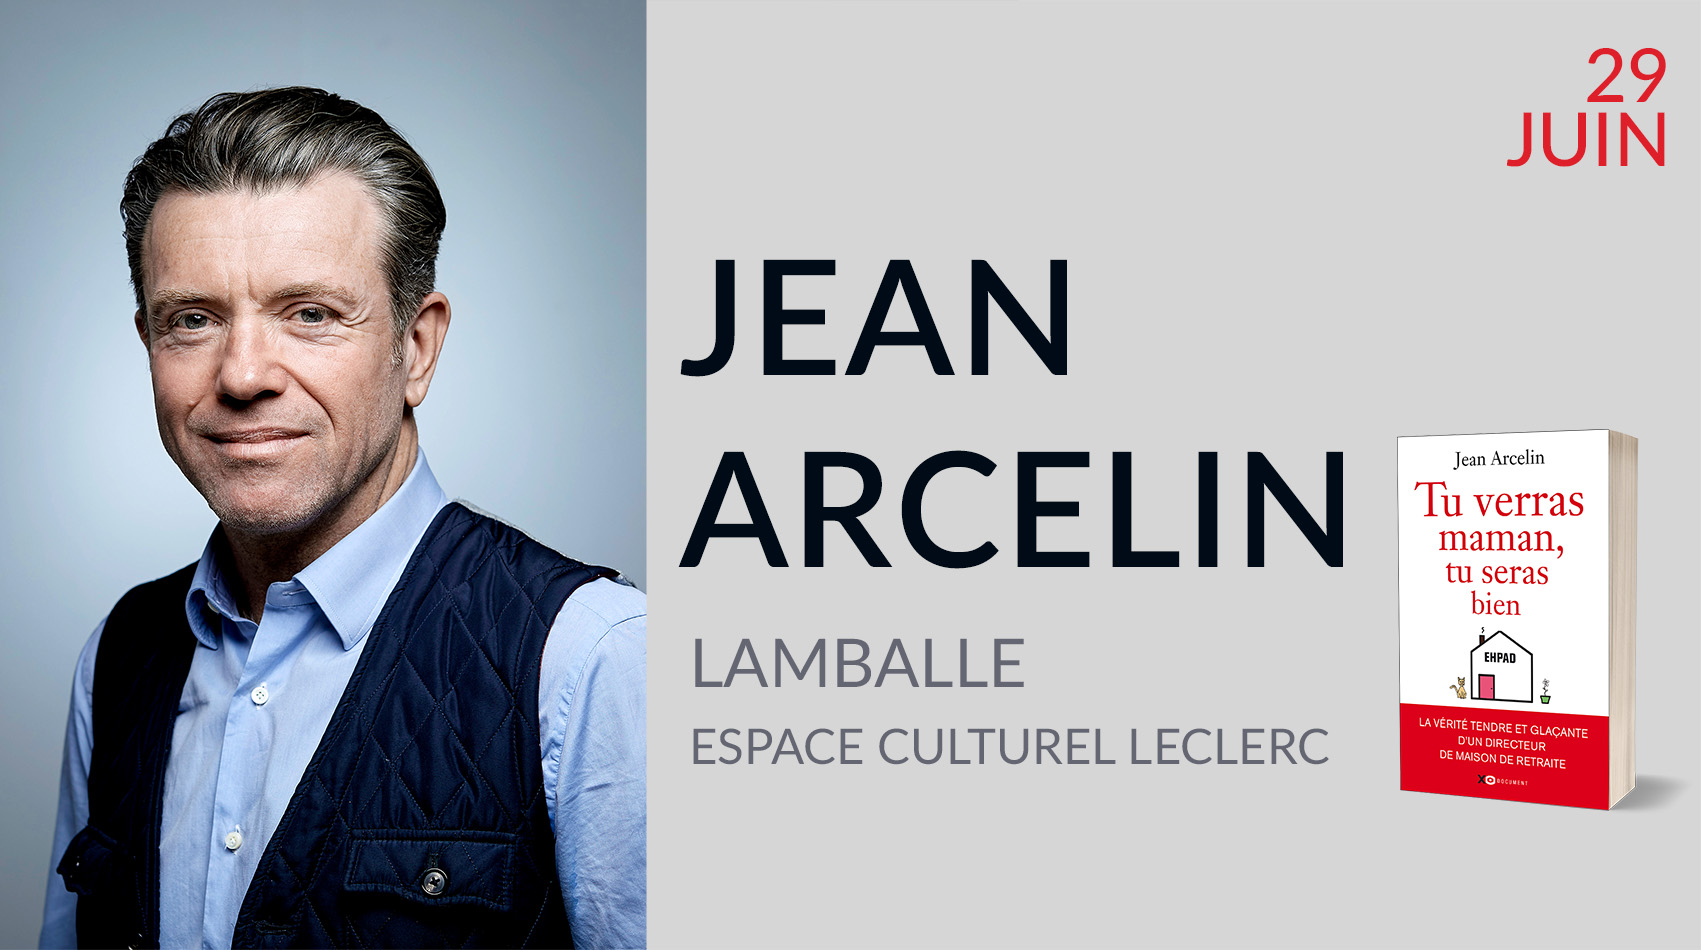 JEAN ARCELIN À LAMBALLE